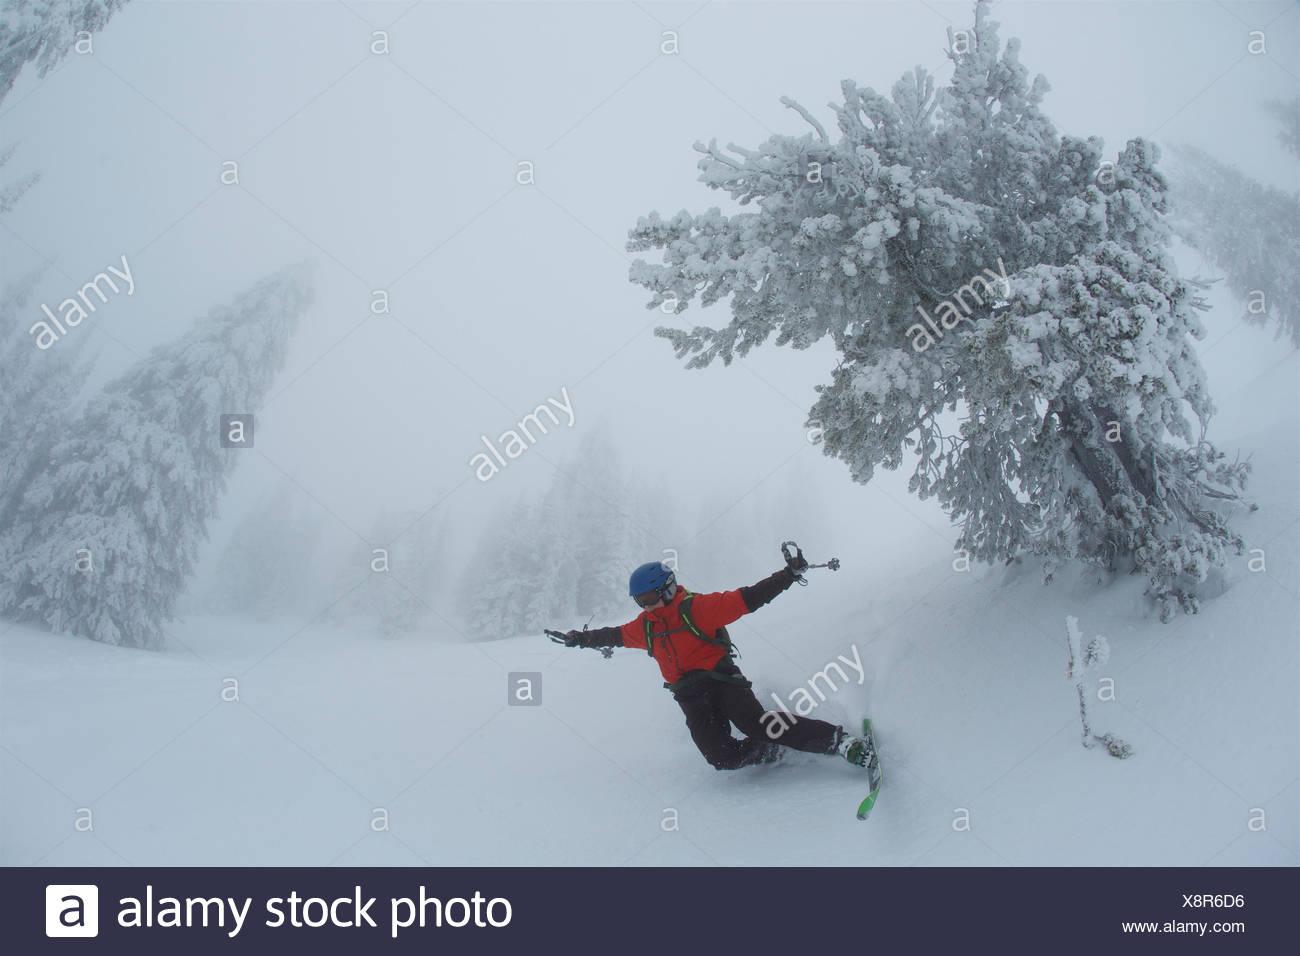 Ein jugendlich Junge fällt beim Skifahren in nebligen, whiteout Bedingungen in der Nähe von Rauhreif bedeckt Koniferen. Stockbild